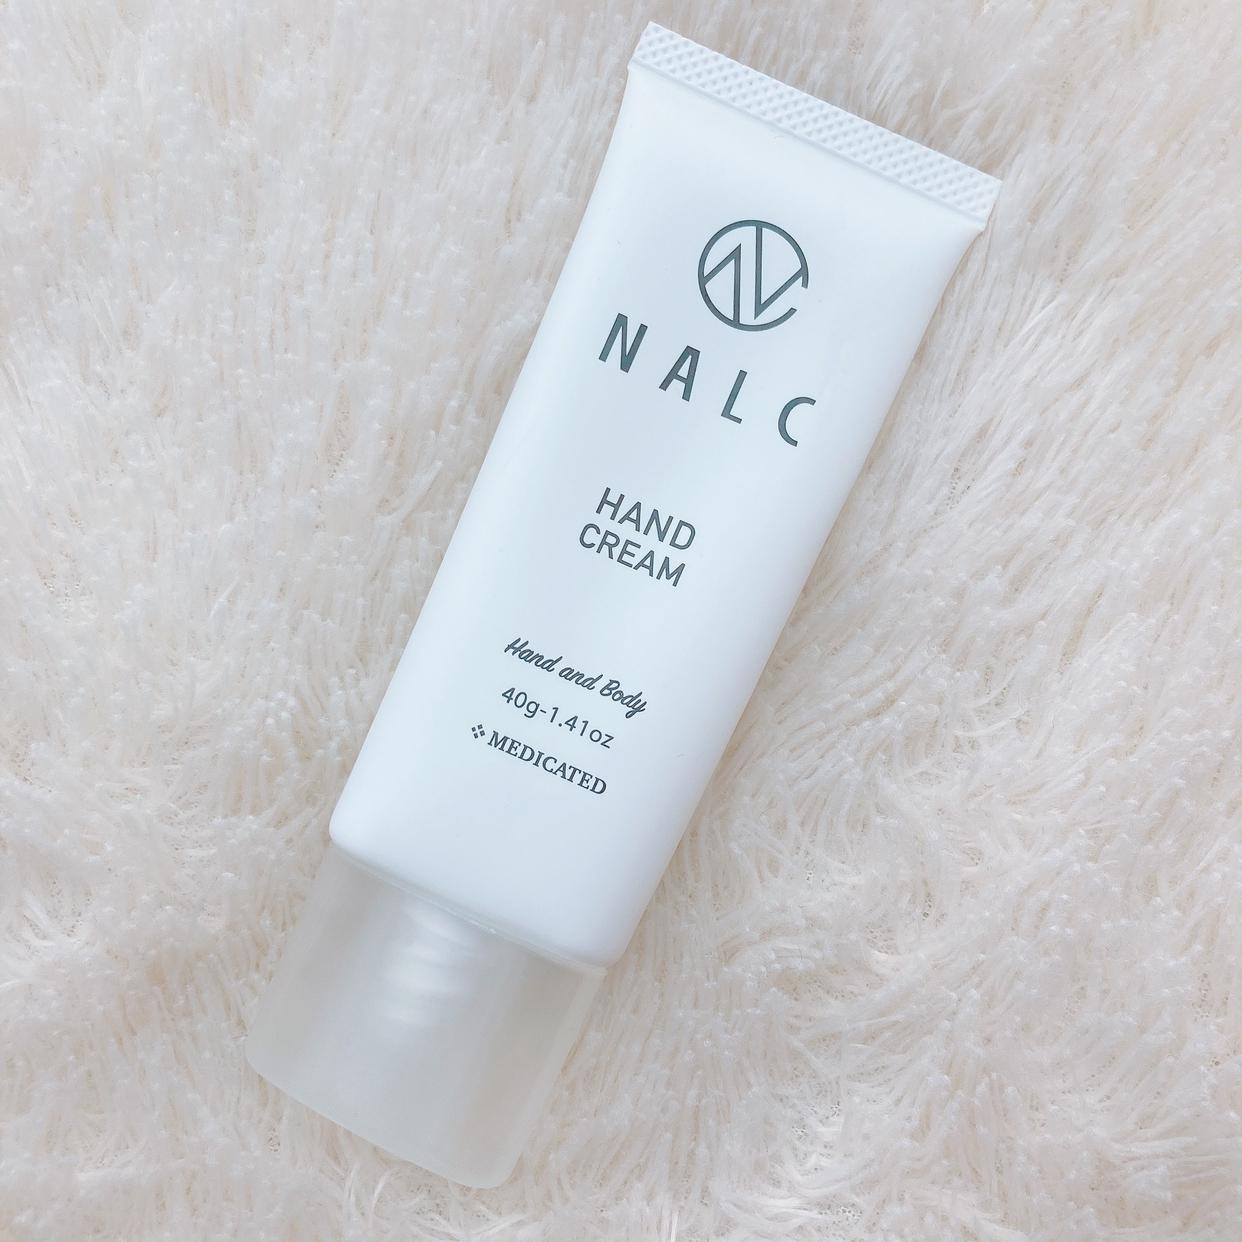 NALC(ナルク)薬用ヘパリンハンドクリームを使ったemma*さんのクチコミ画像1